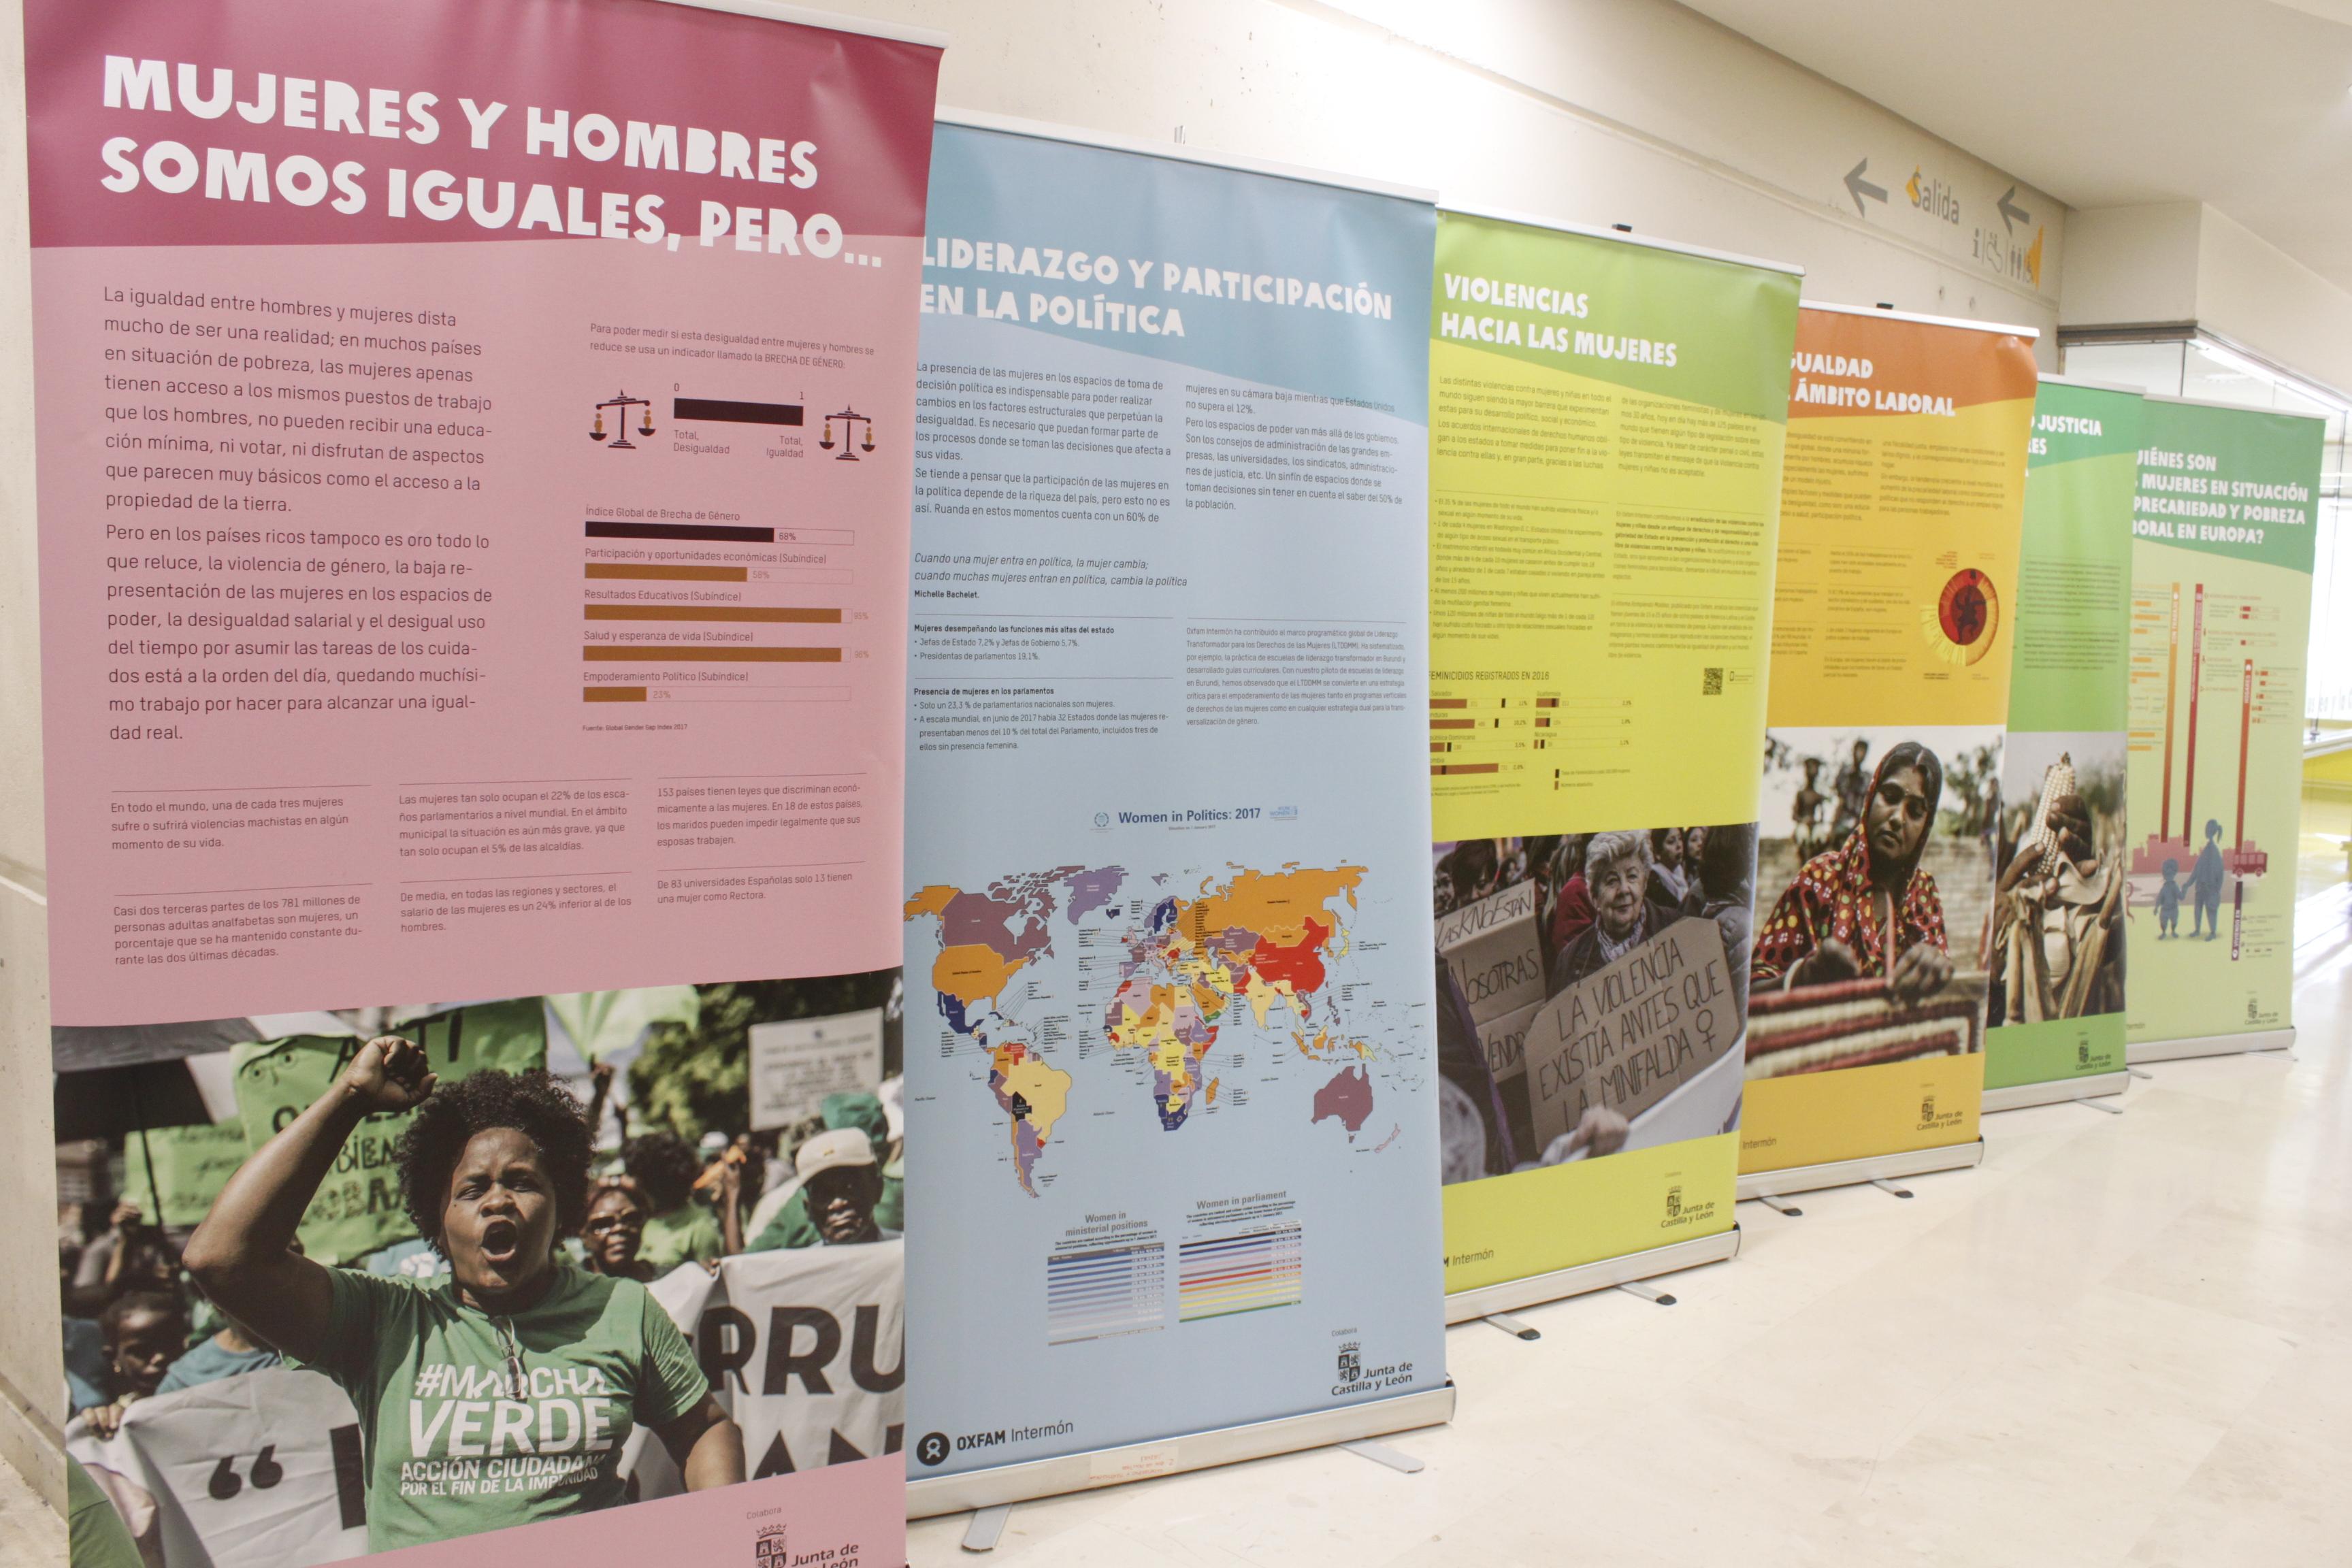 Exposición 'Mujeres y desigualdad'